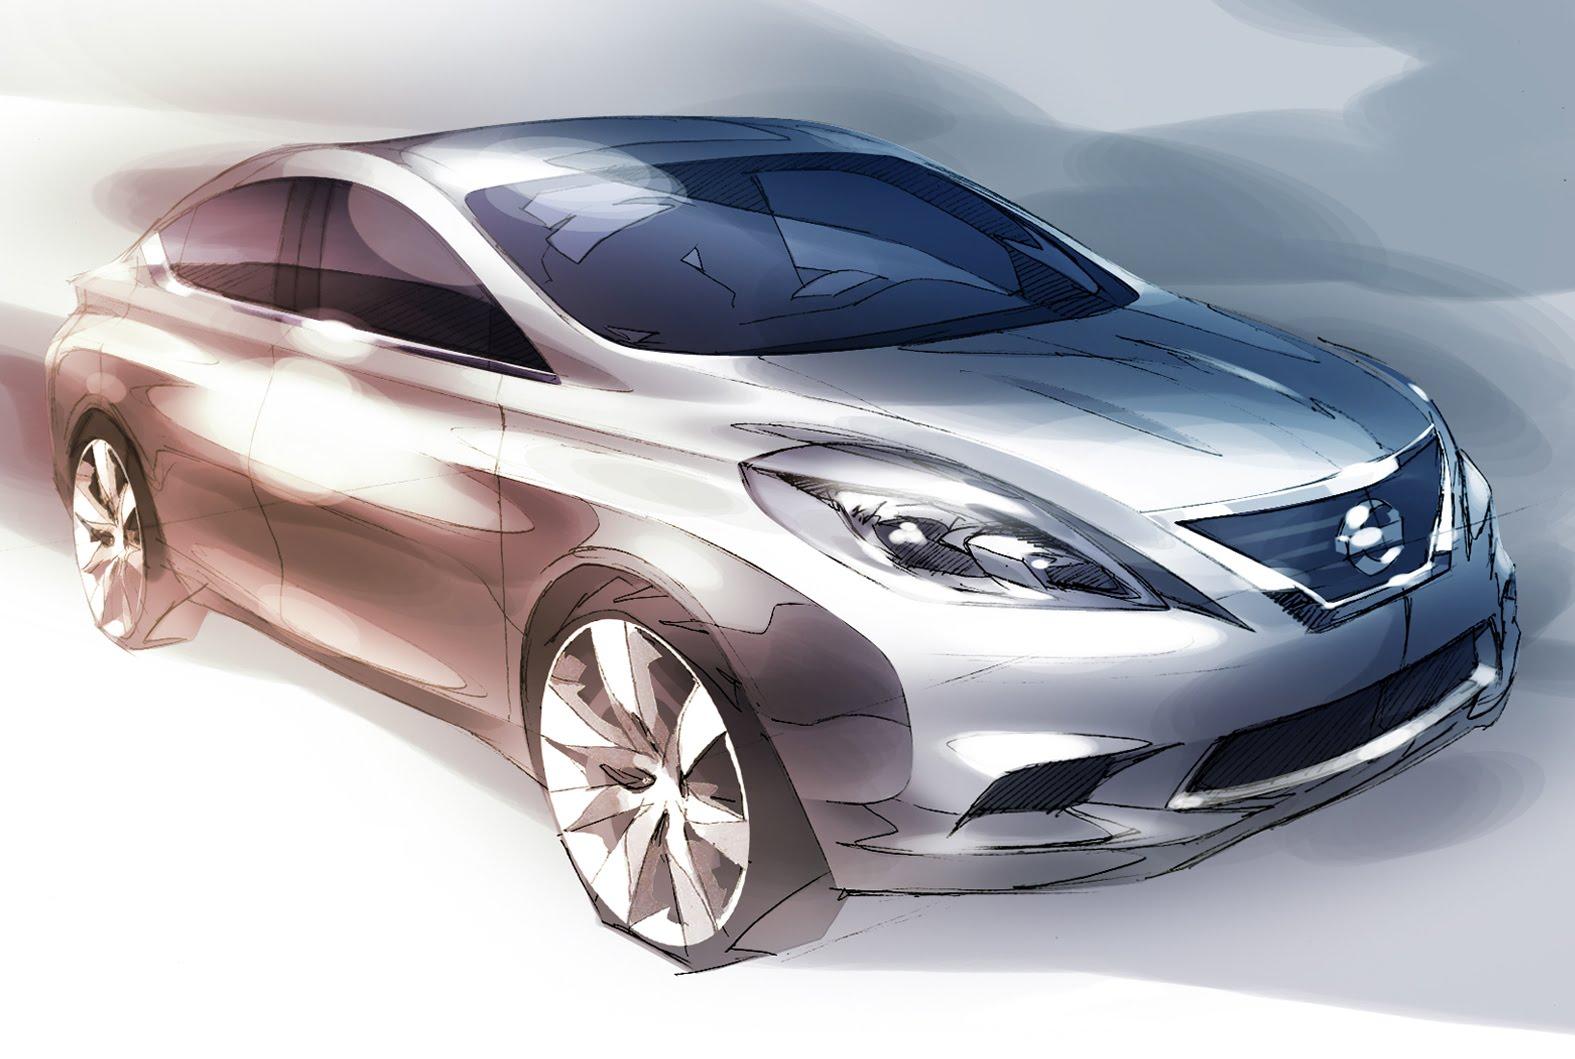 http://2.bp.blogspot.com/_qmwdM_8Ln-Q/TLNMiA8xwdI/AAAAAAAARJY/VoilhKjiK9I/s1600/Nissan%20Tiida%20日産ティーダ%202011%202.jpg